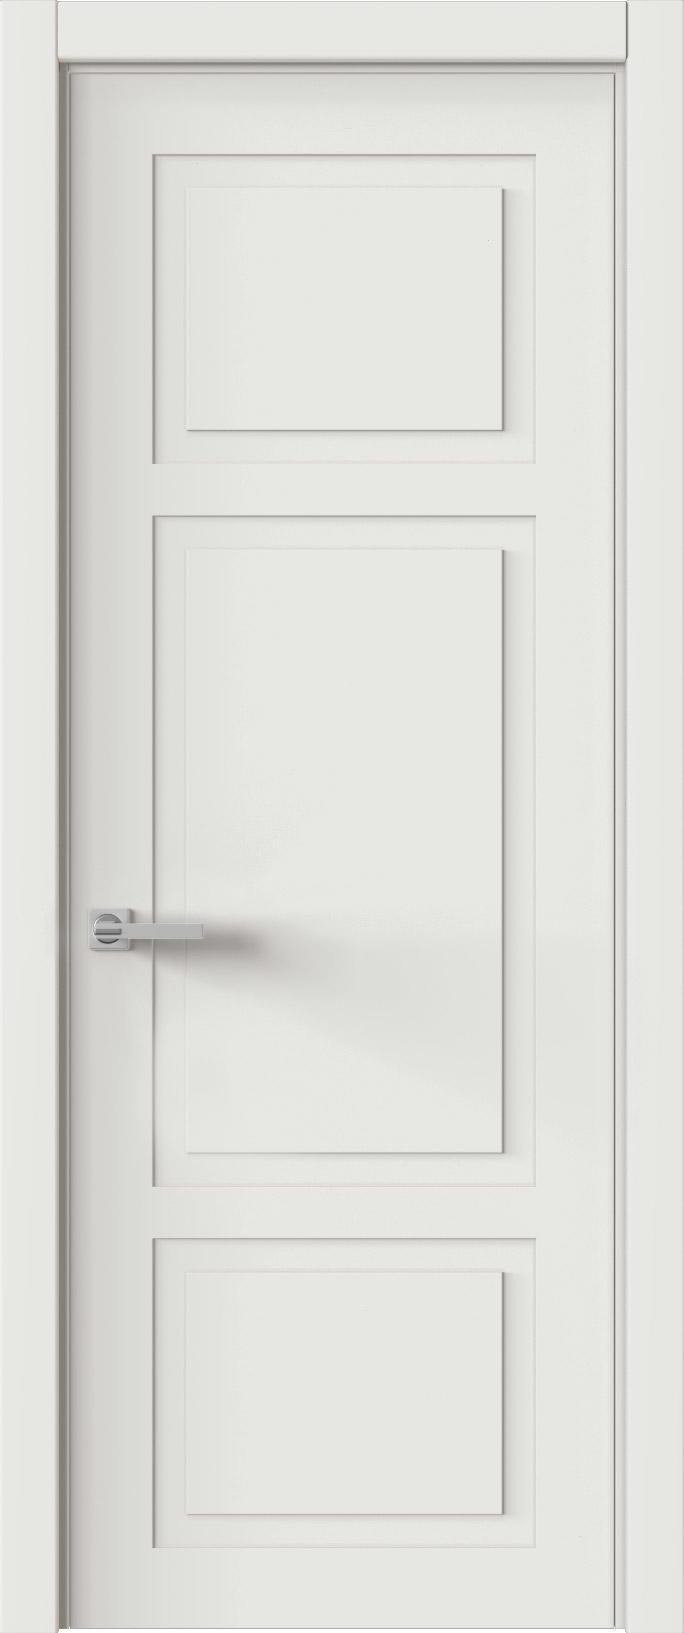 Tivoli К-5 цвет - Белая эмаль (RAL 9003) Без стекла (ДГ)